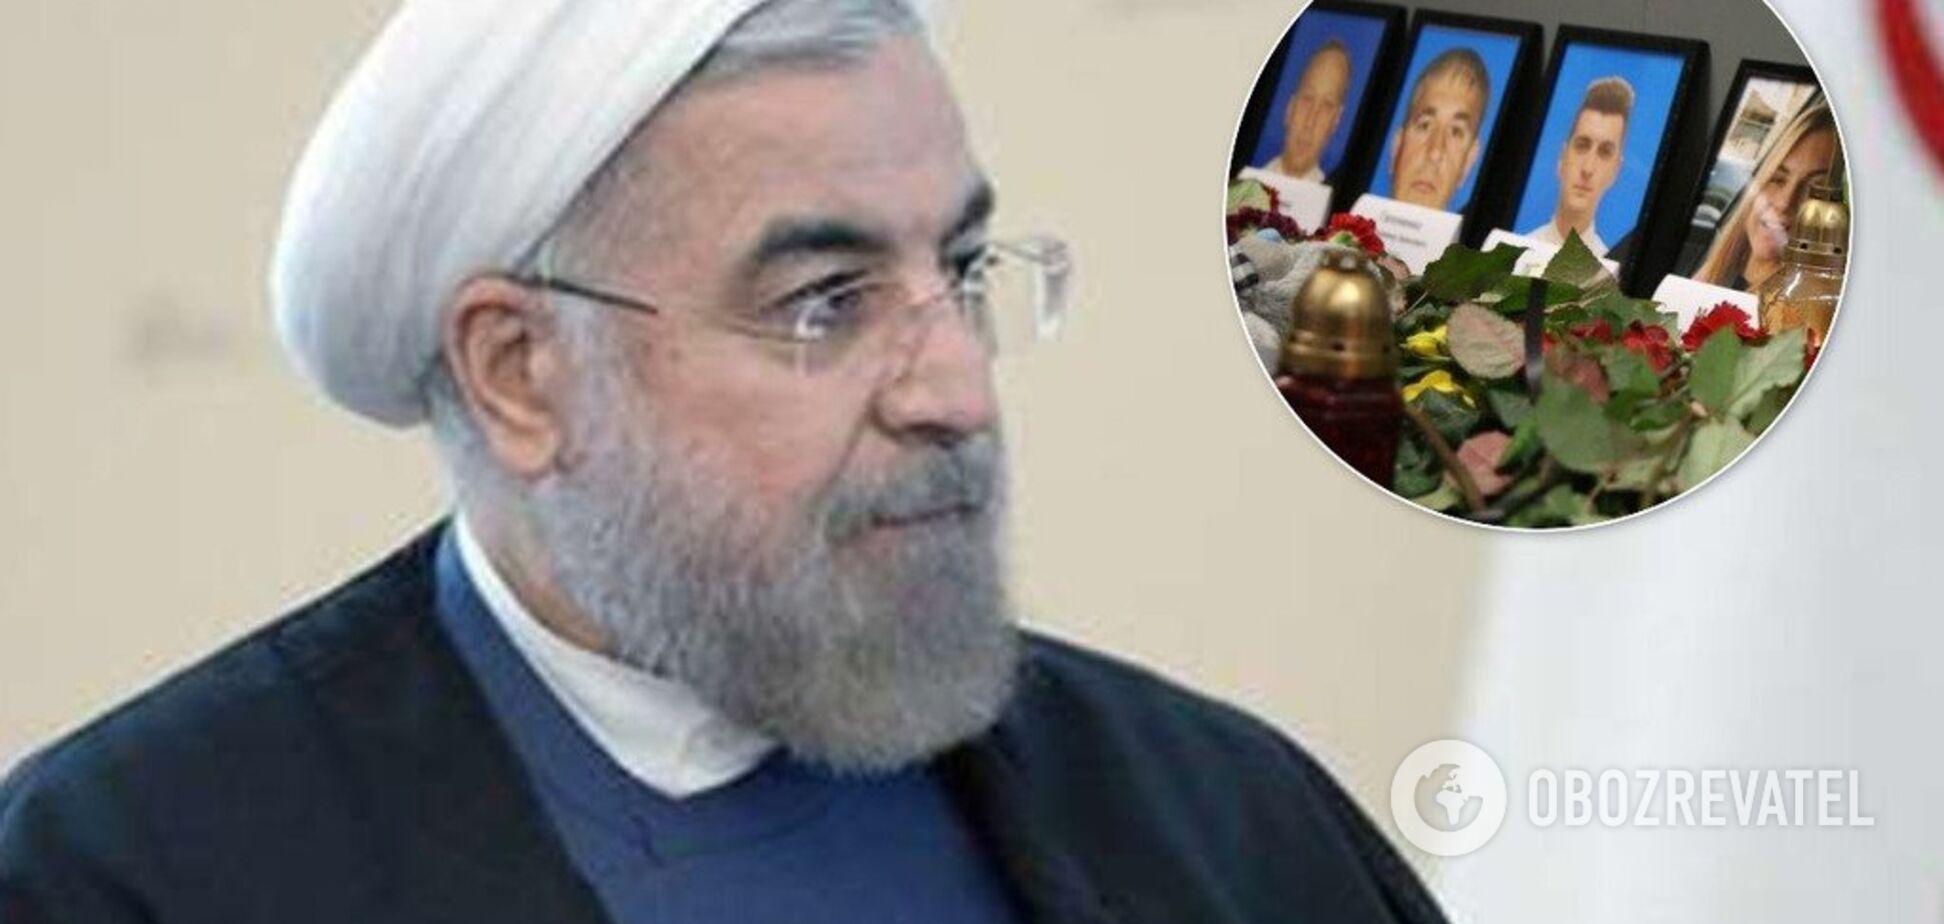 Катастрофа МАУ в Тегеране: Иран заплатит семьям погибших